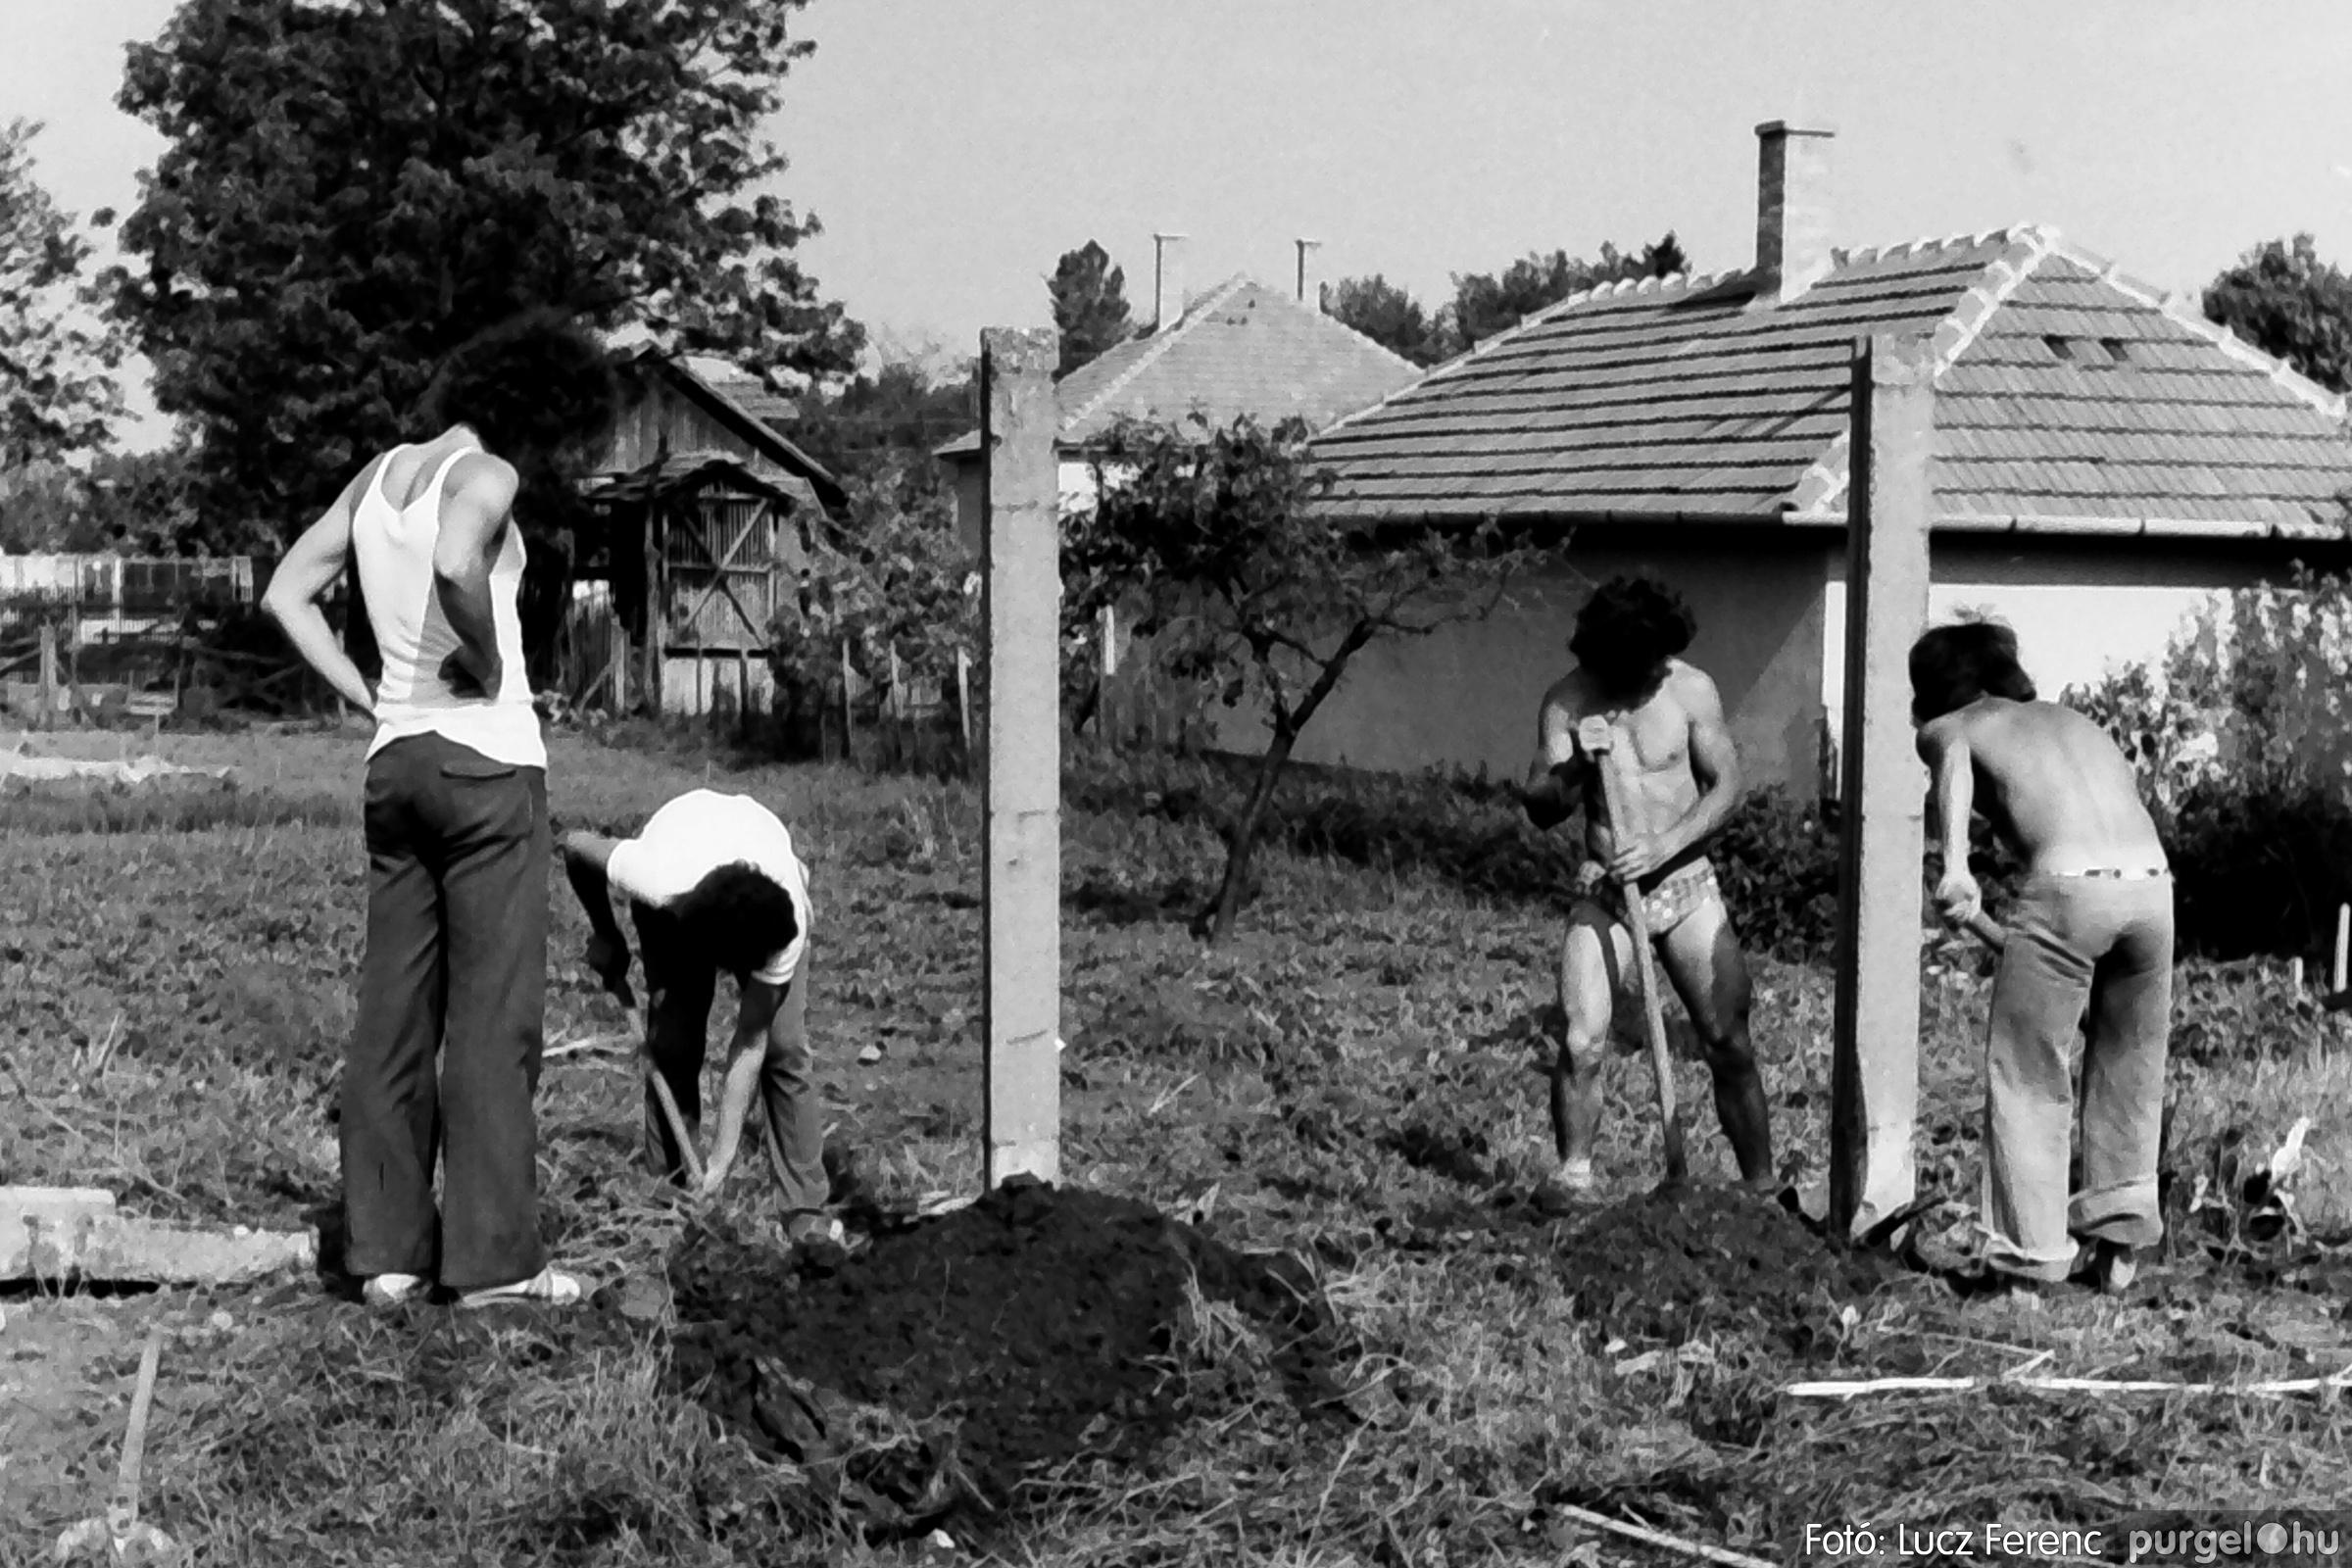 048, 051. 1976. Társadalmi munka 008. - Fotó: Lucz Ferenc.jpg